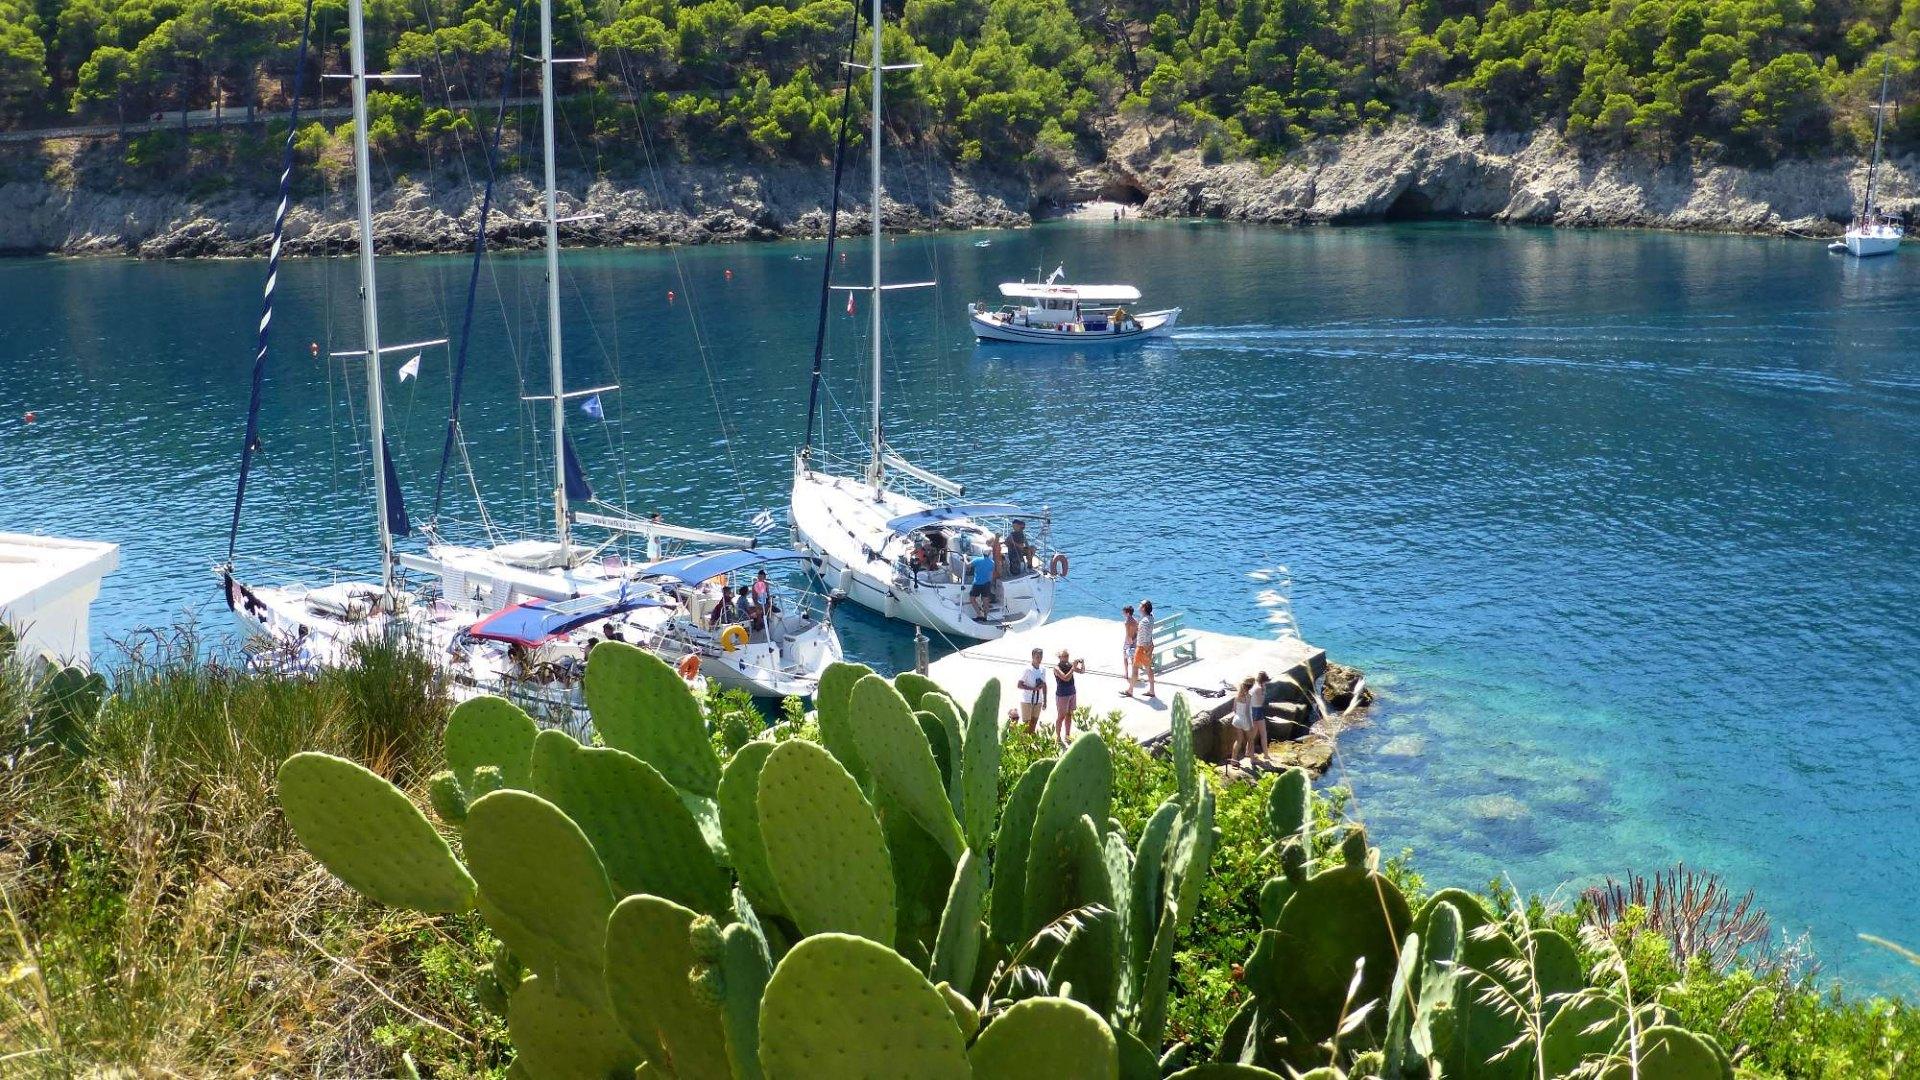 Kefalonie – Kompletní dovolenkový průvodce, včetně pláží, památek, tipů